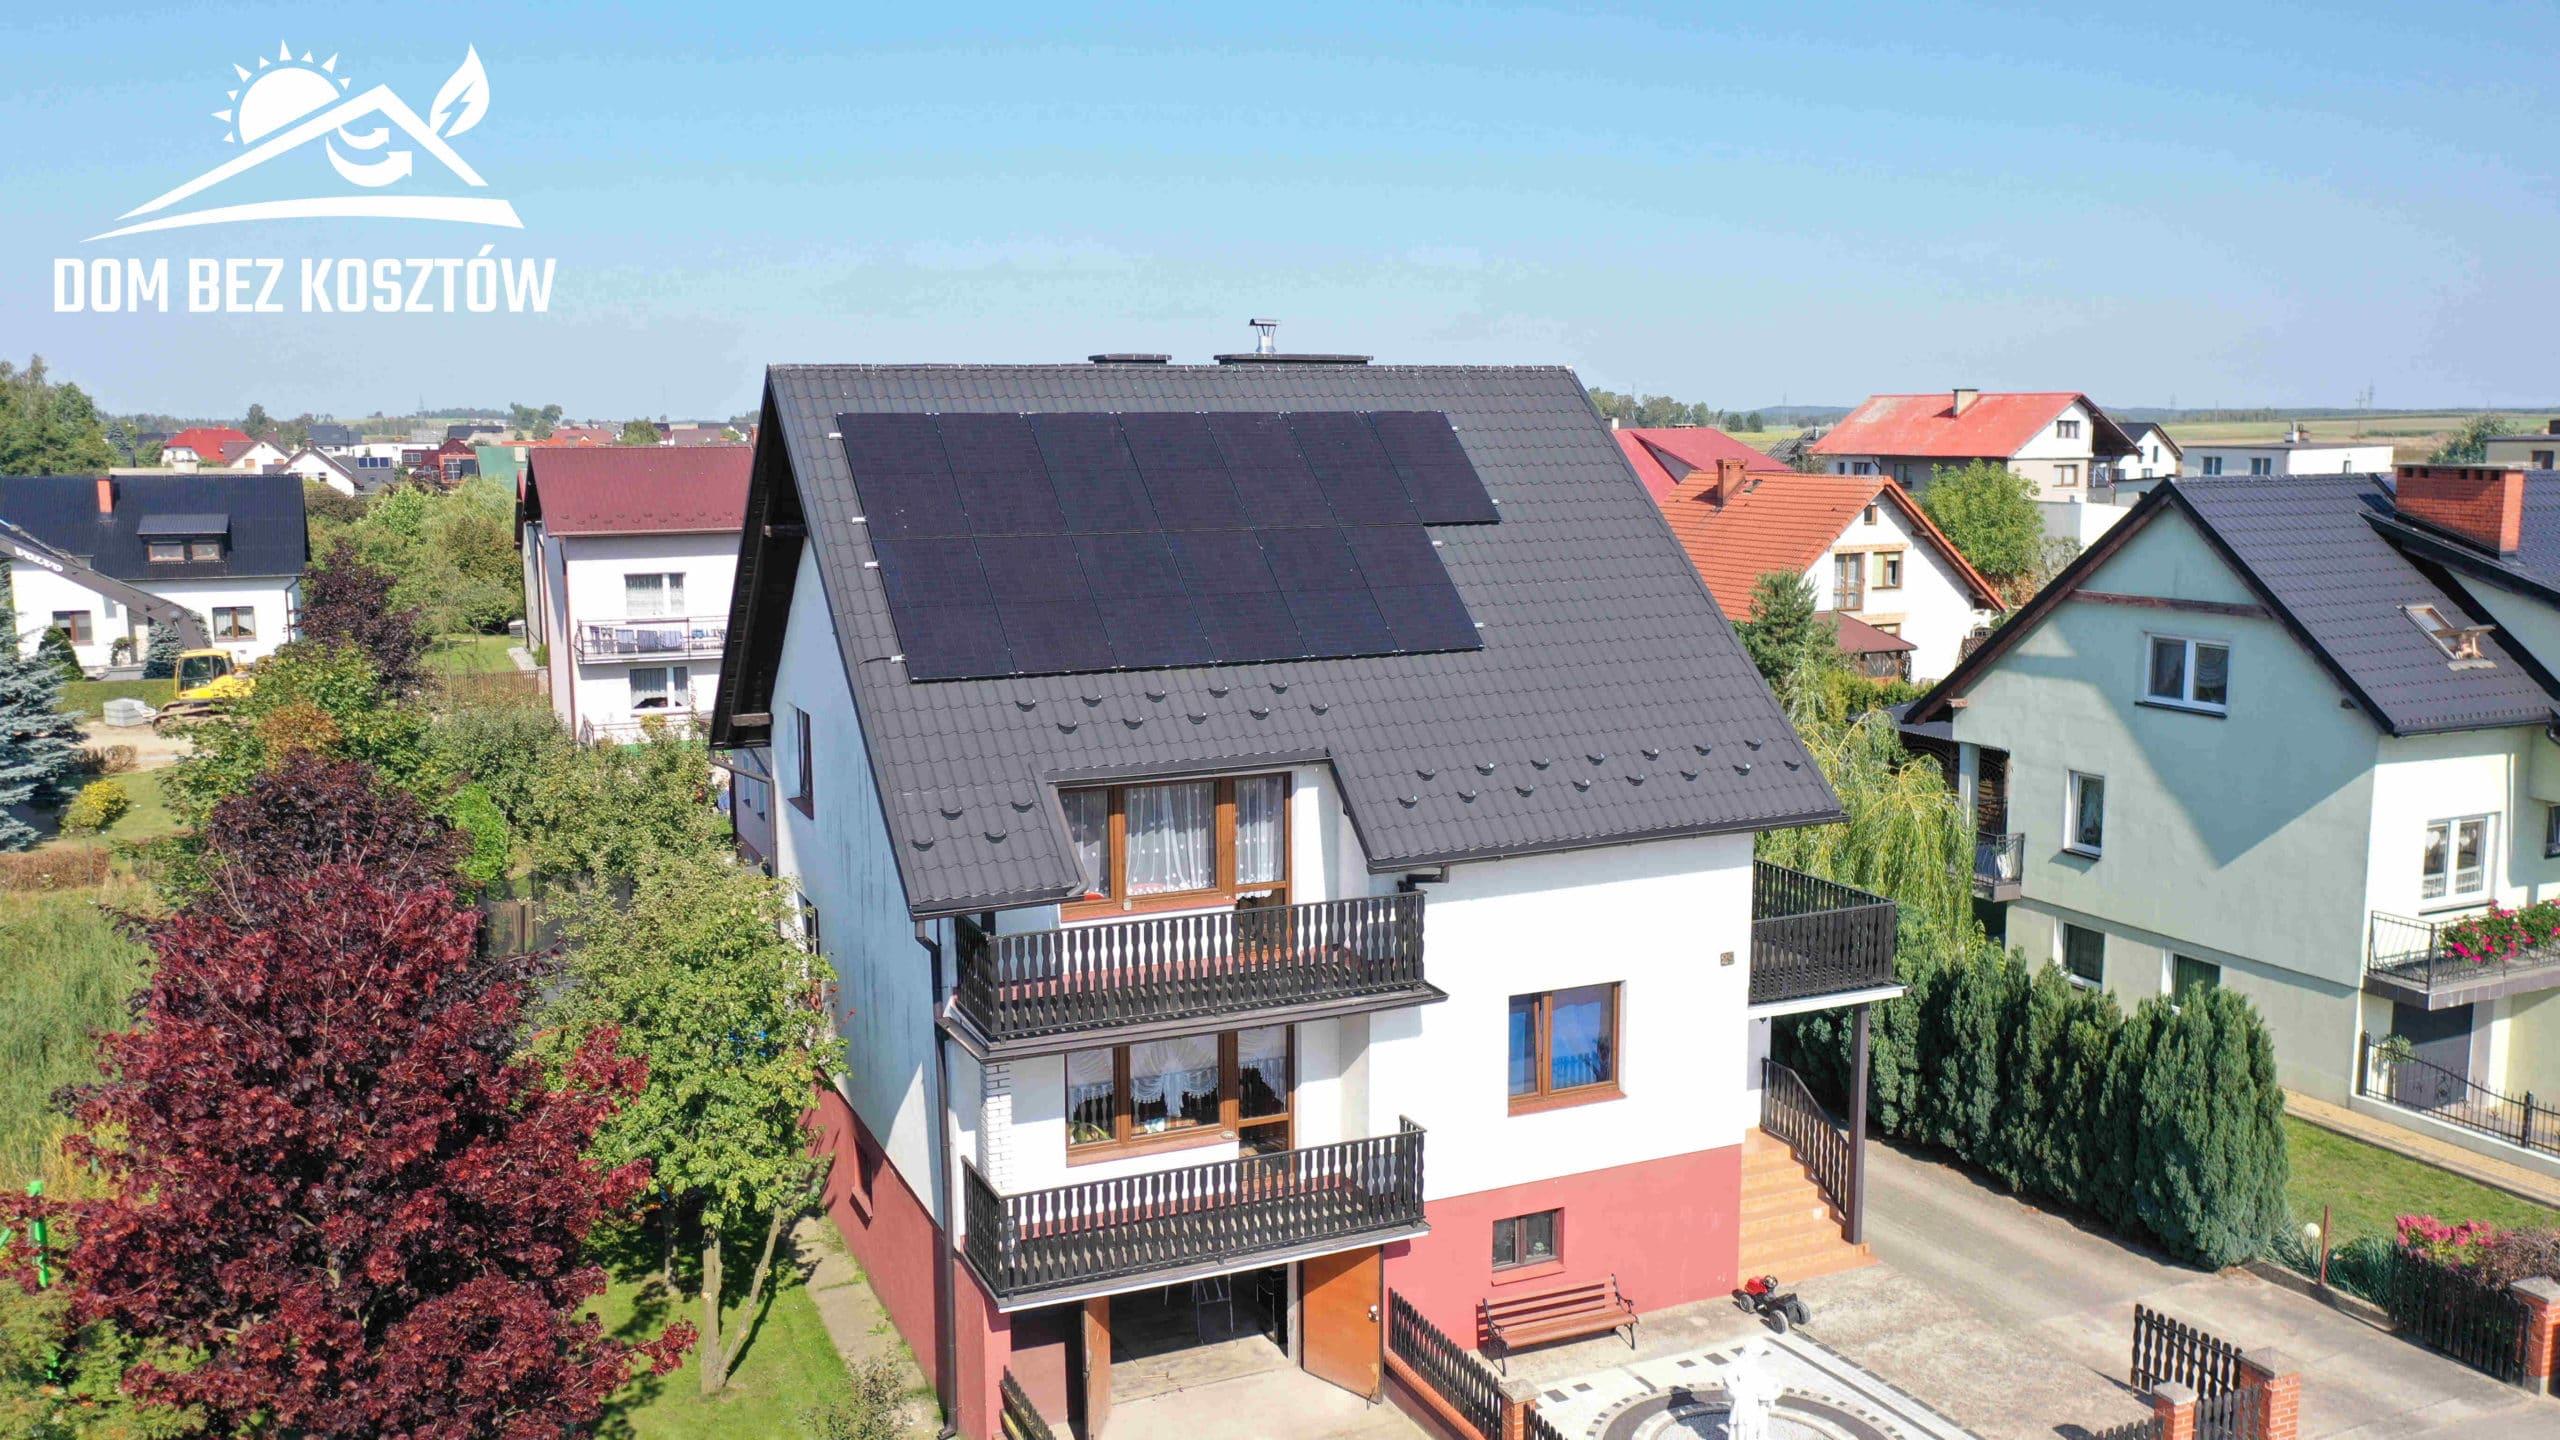 Instalacja fotowoltaiczna o mocy 6,5 kWp na dachu domu jednorodzinnego w Brusach